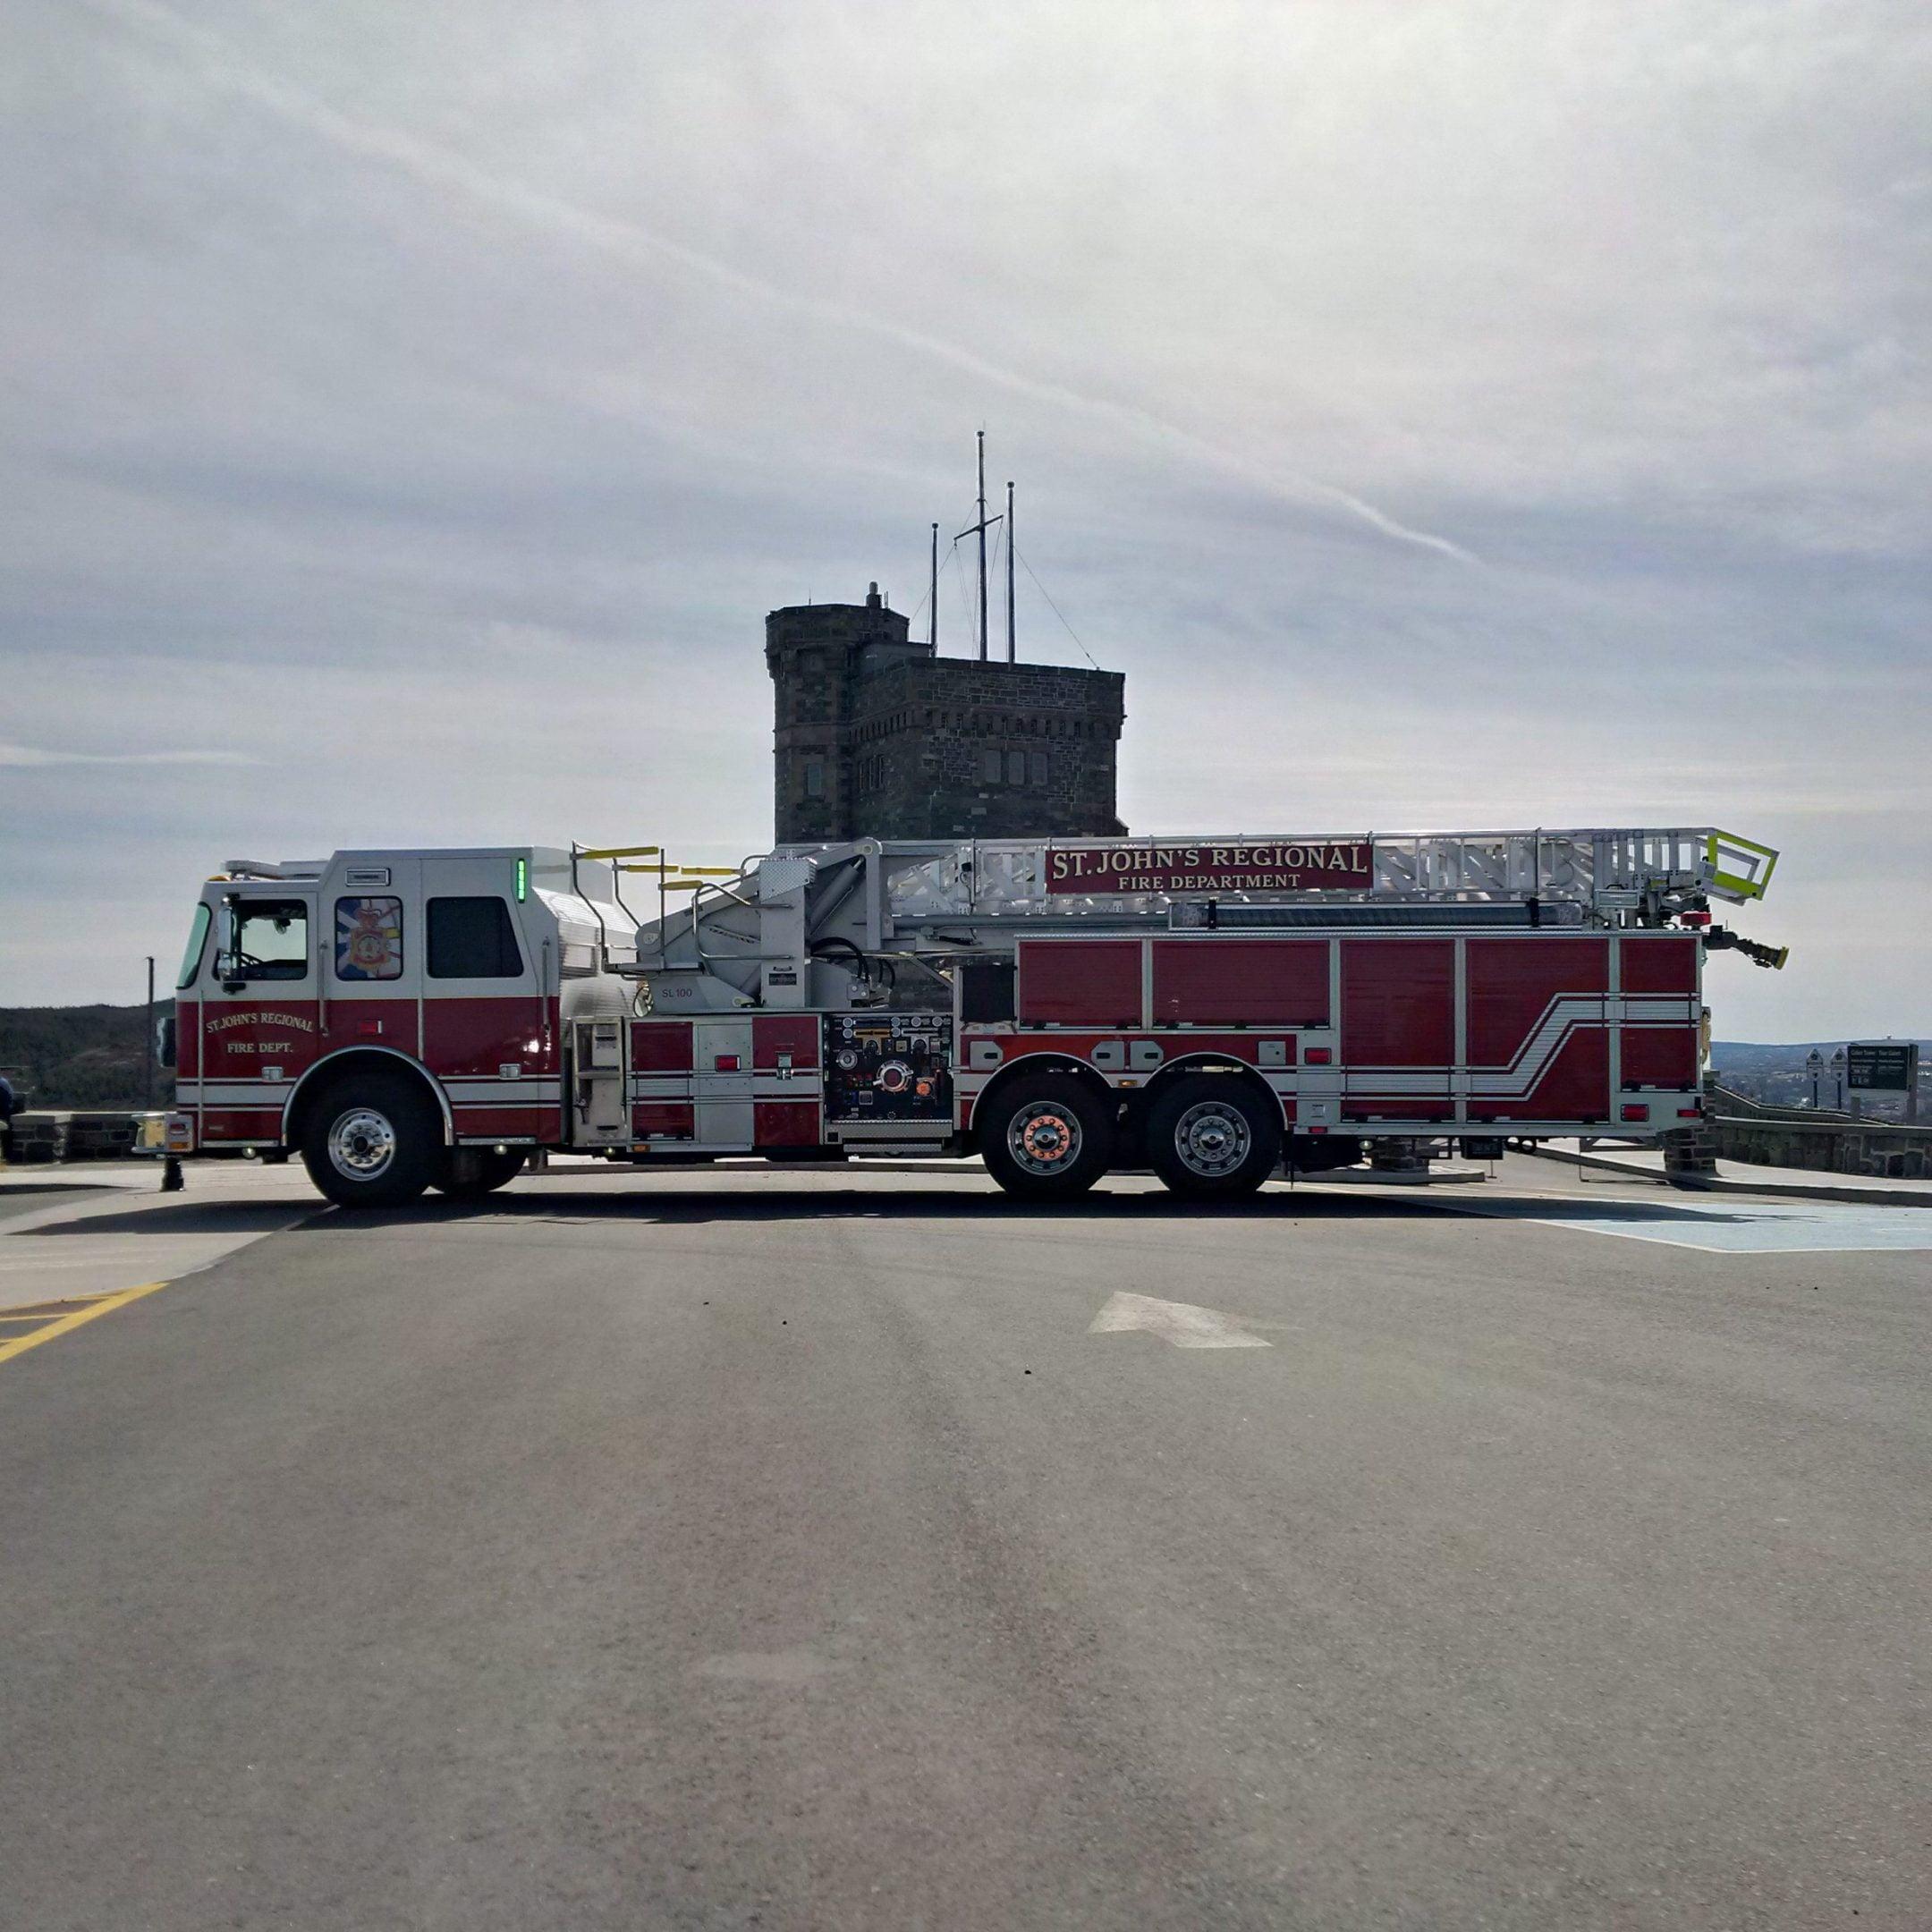 St. John's Regional Fire Department, Newfoundland